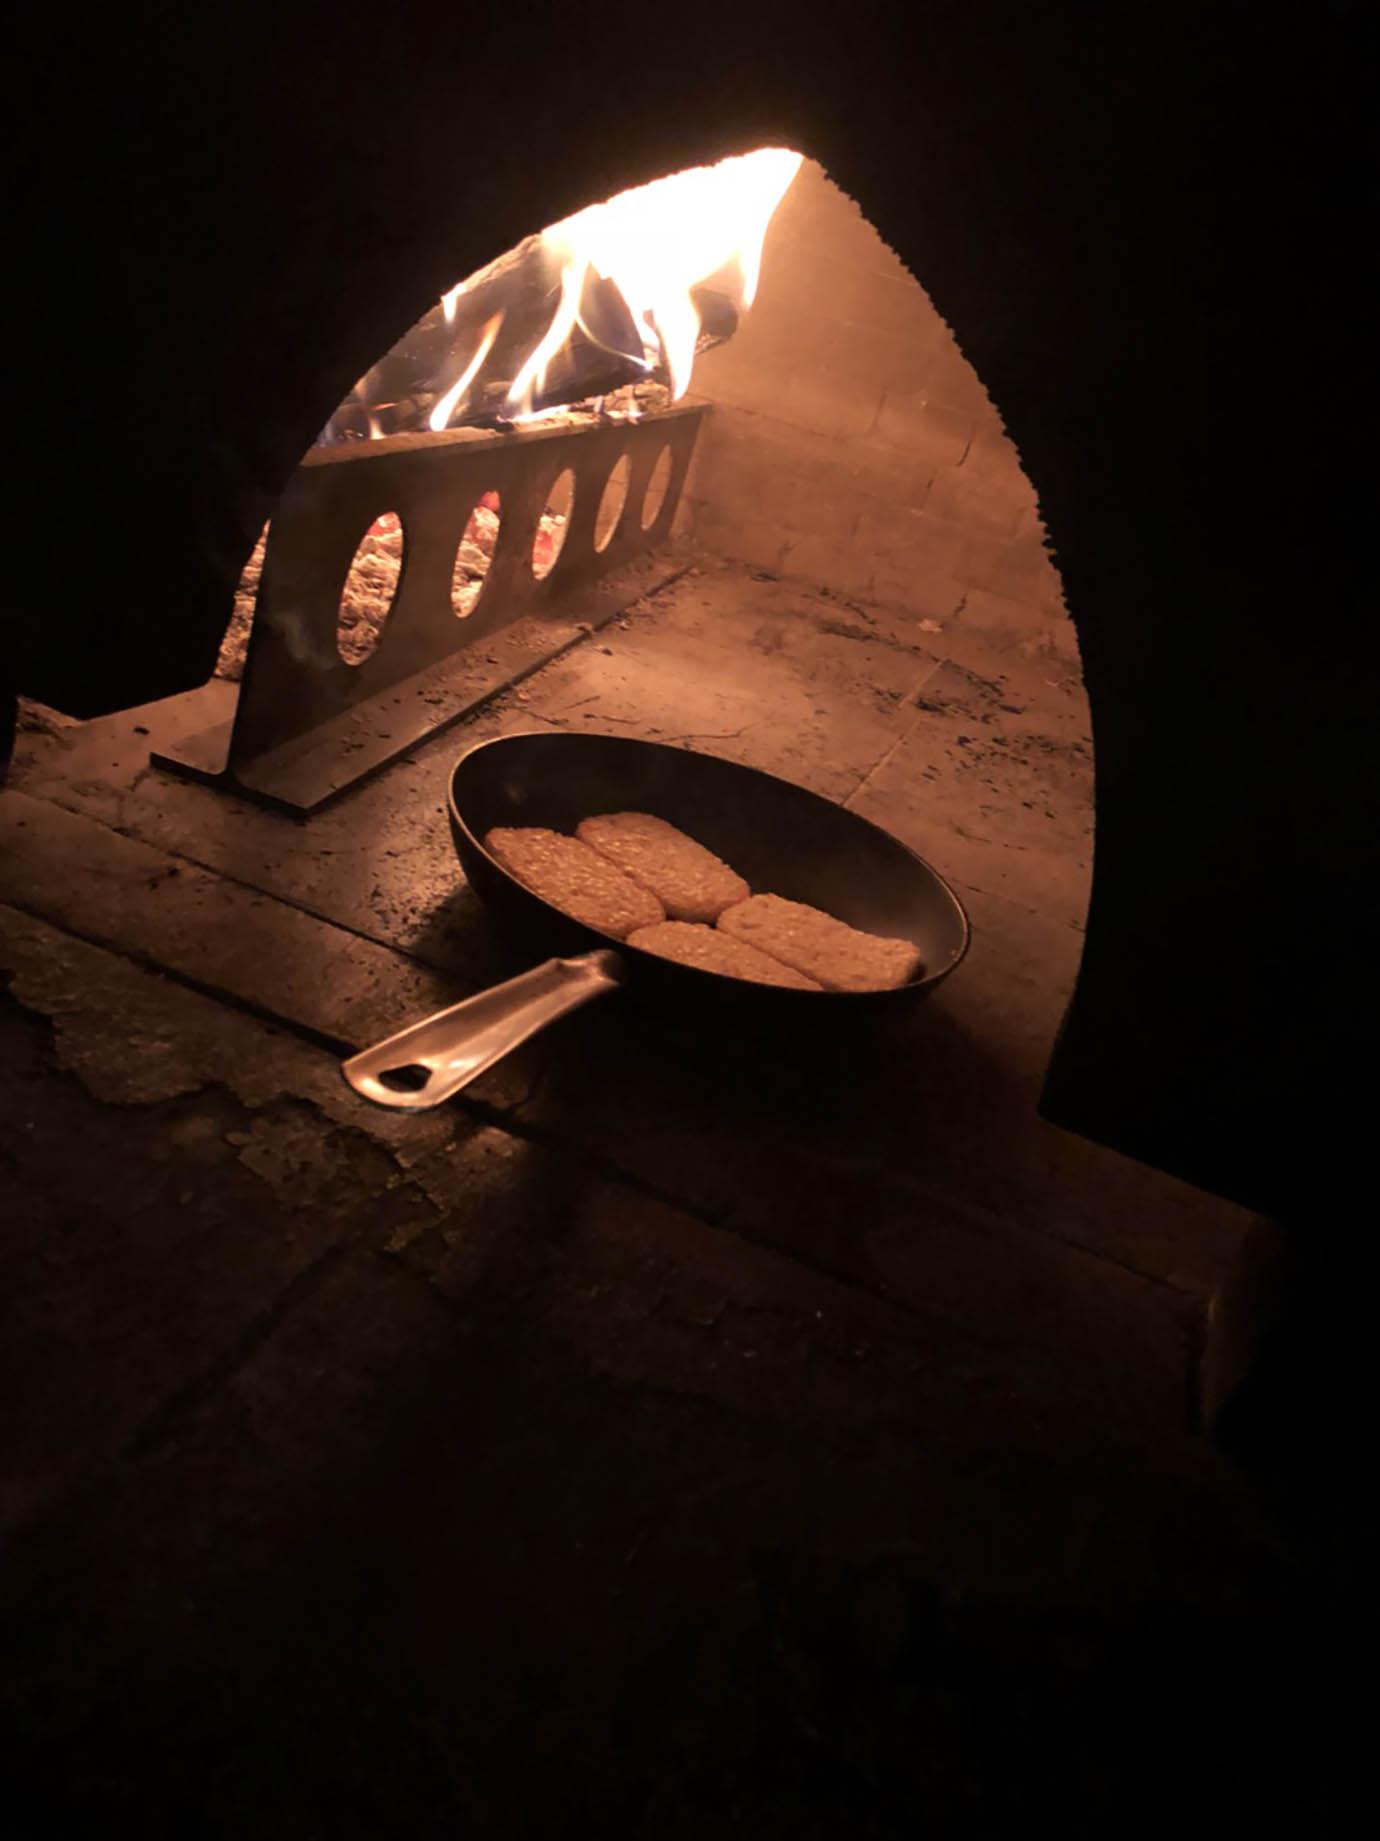 pizzeria-romana-ilpentito-pizza33